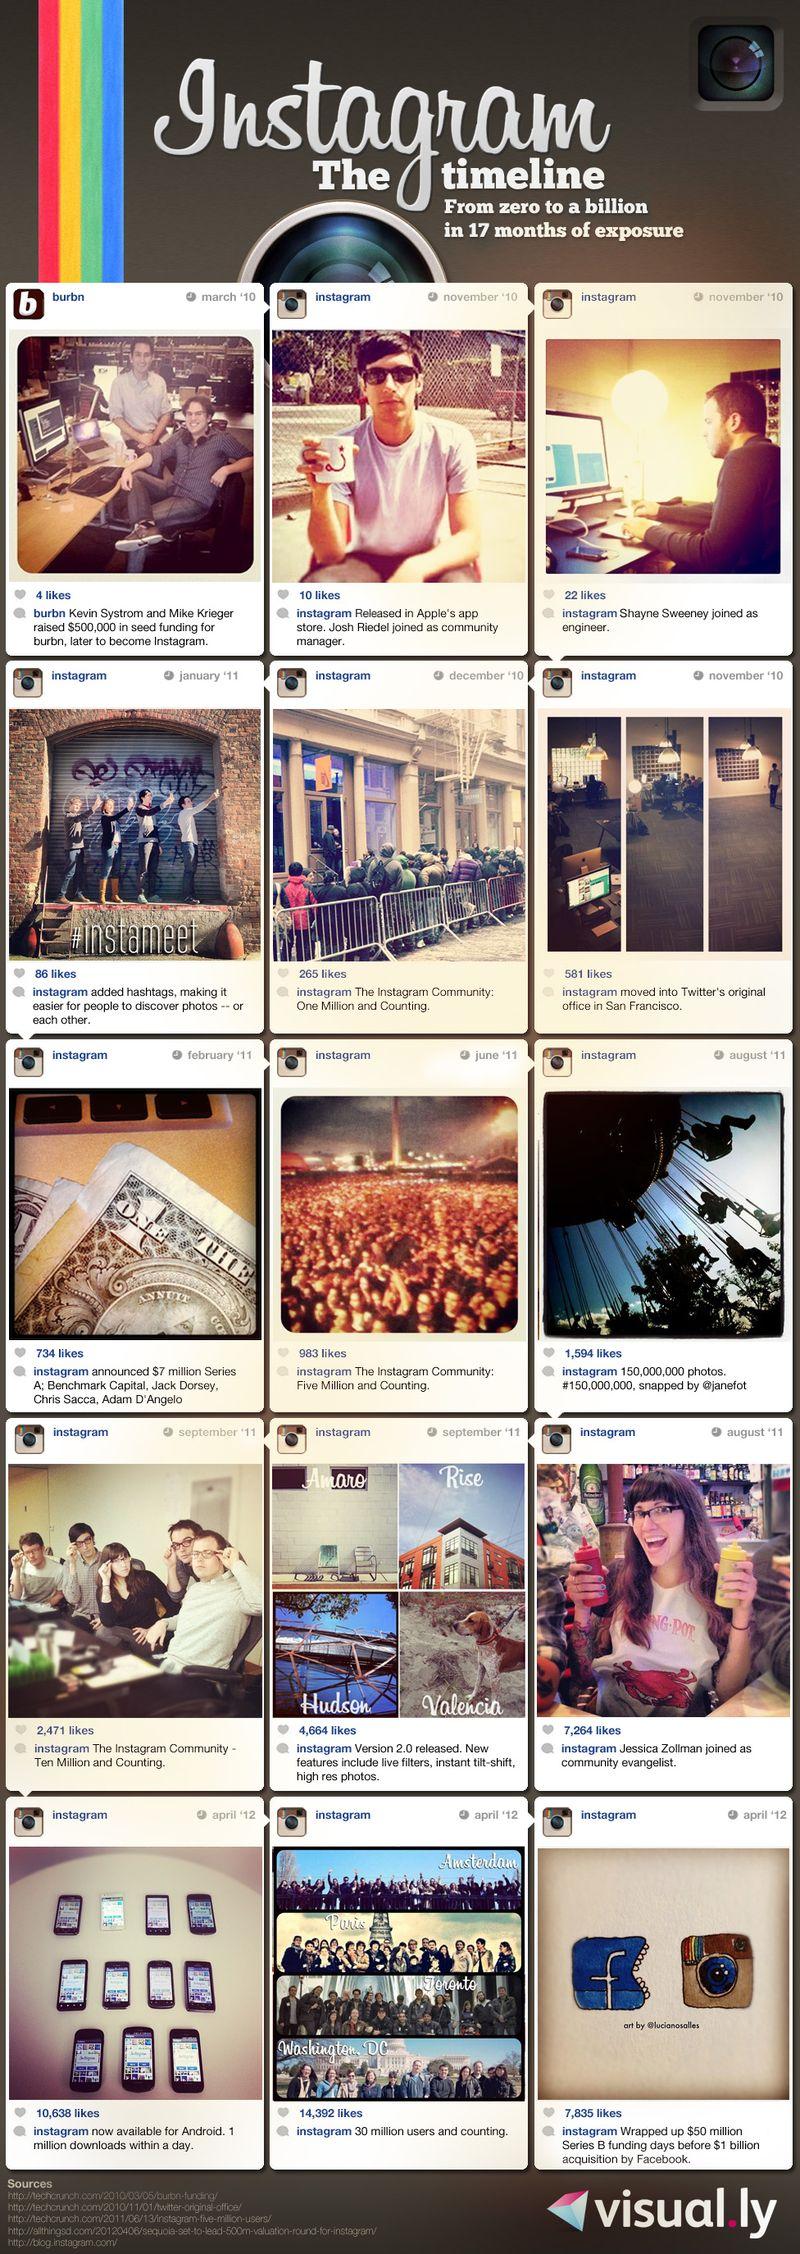 InstagramFromZerotoaBillion